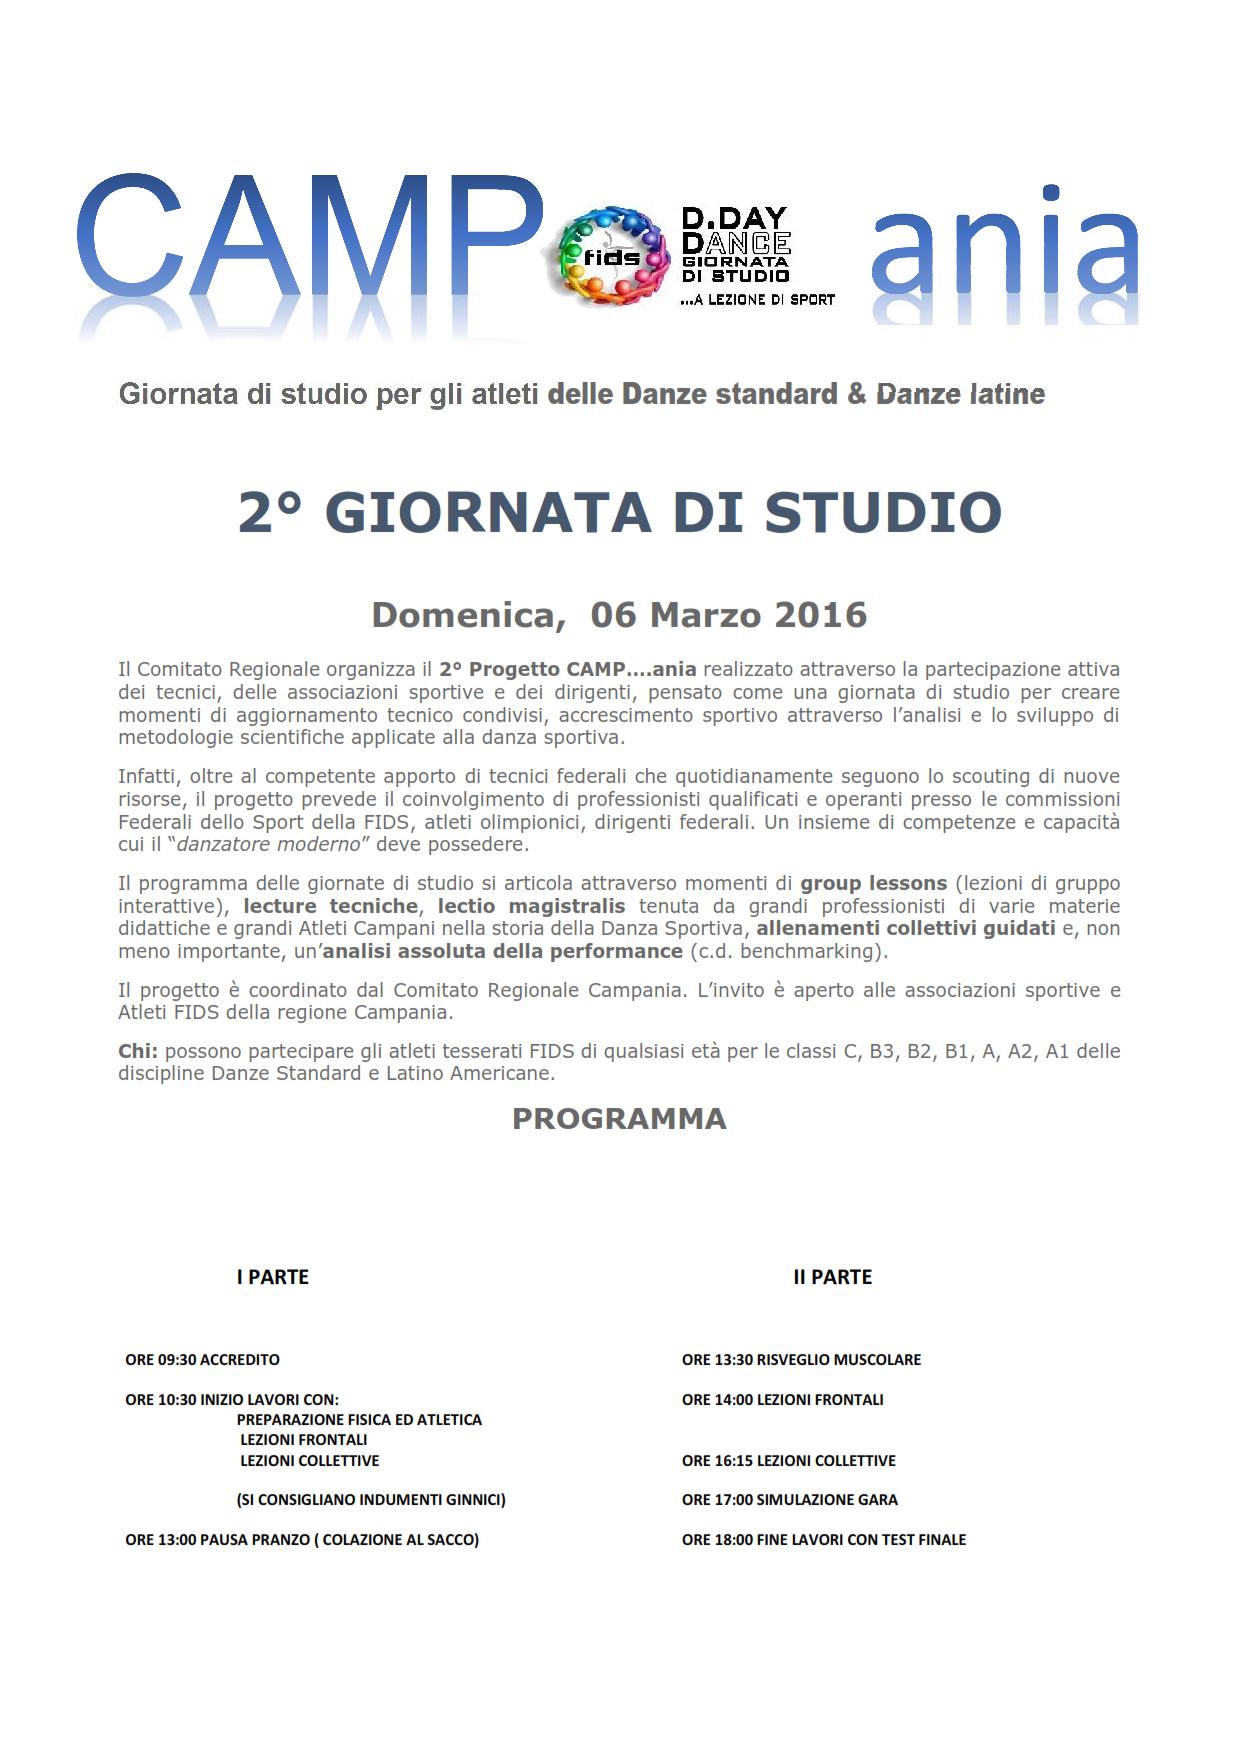 2 GIORNATA DI FORMAZIONE E STUDIO 6 dicembre 2015_001